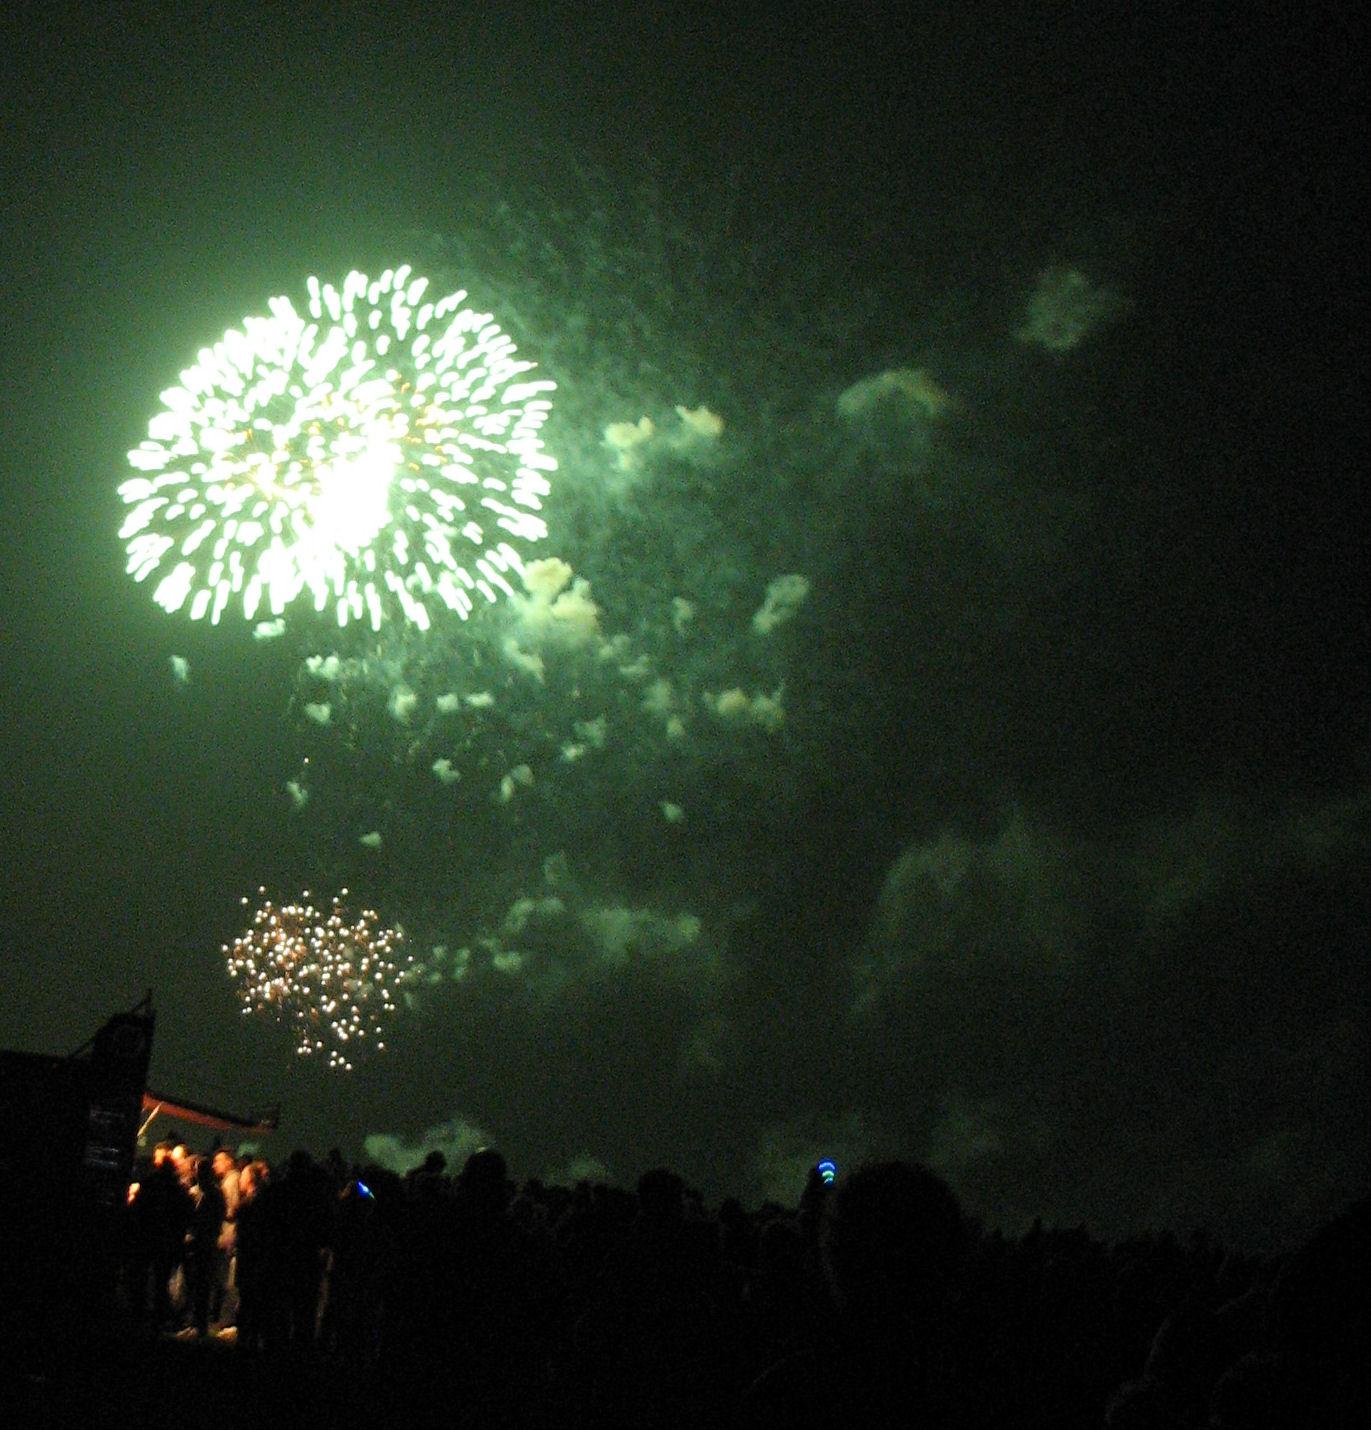 Grune Farbe Feuerwerk : Wenn nicht anders vermerkt, gelten die angegebenen Daten bei